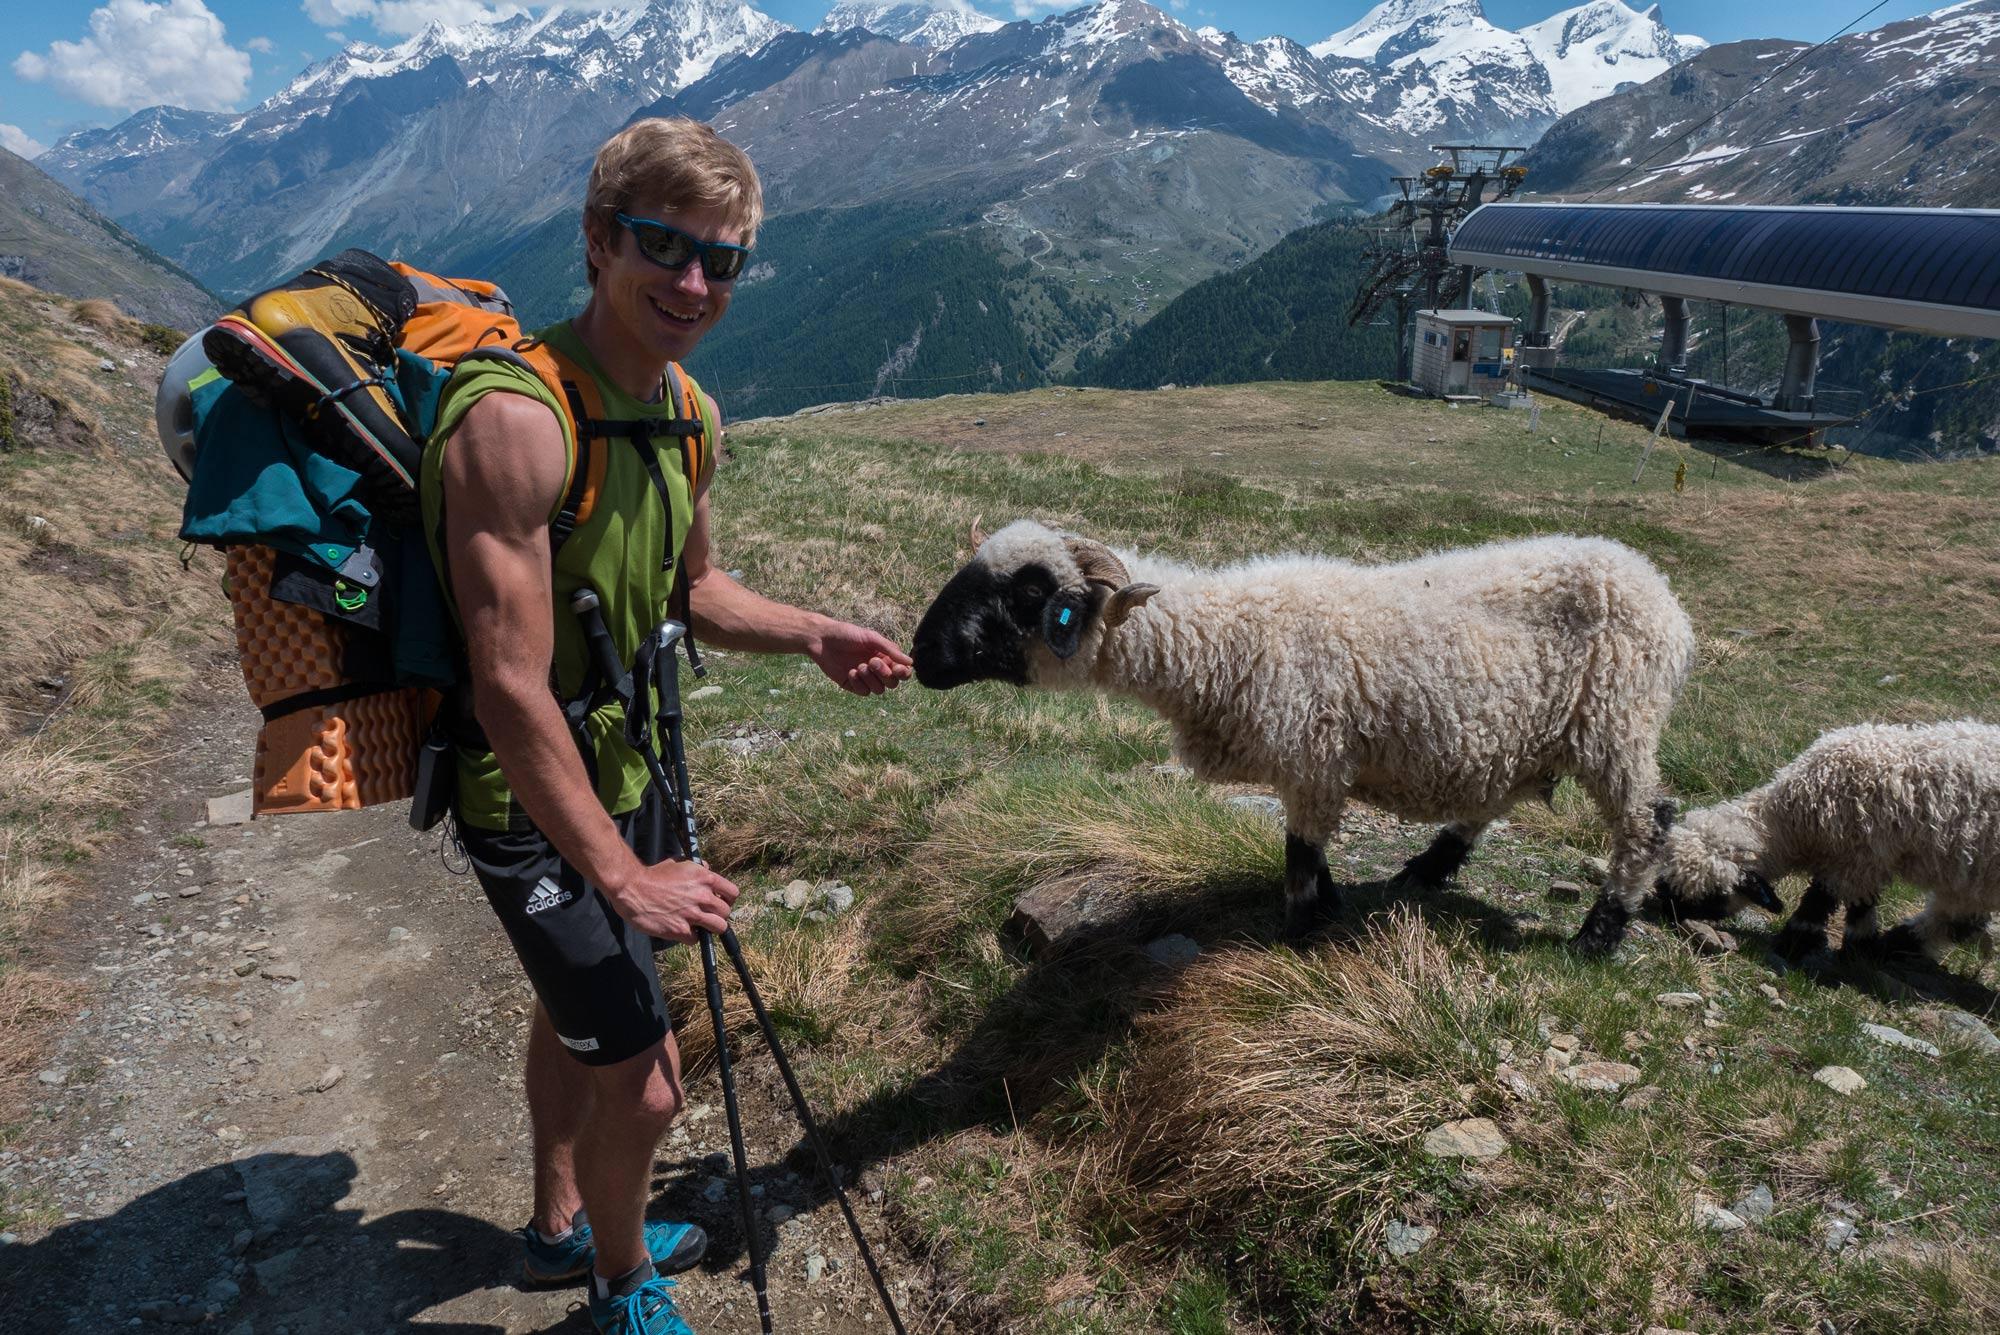 Simon Messner, Zustieg Matterhorn I bergundsteigen.blog